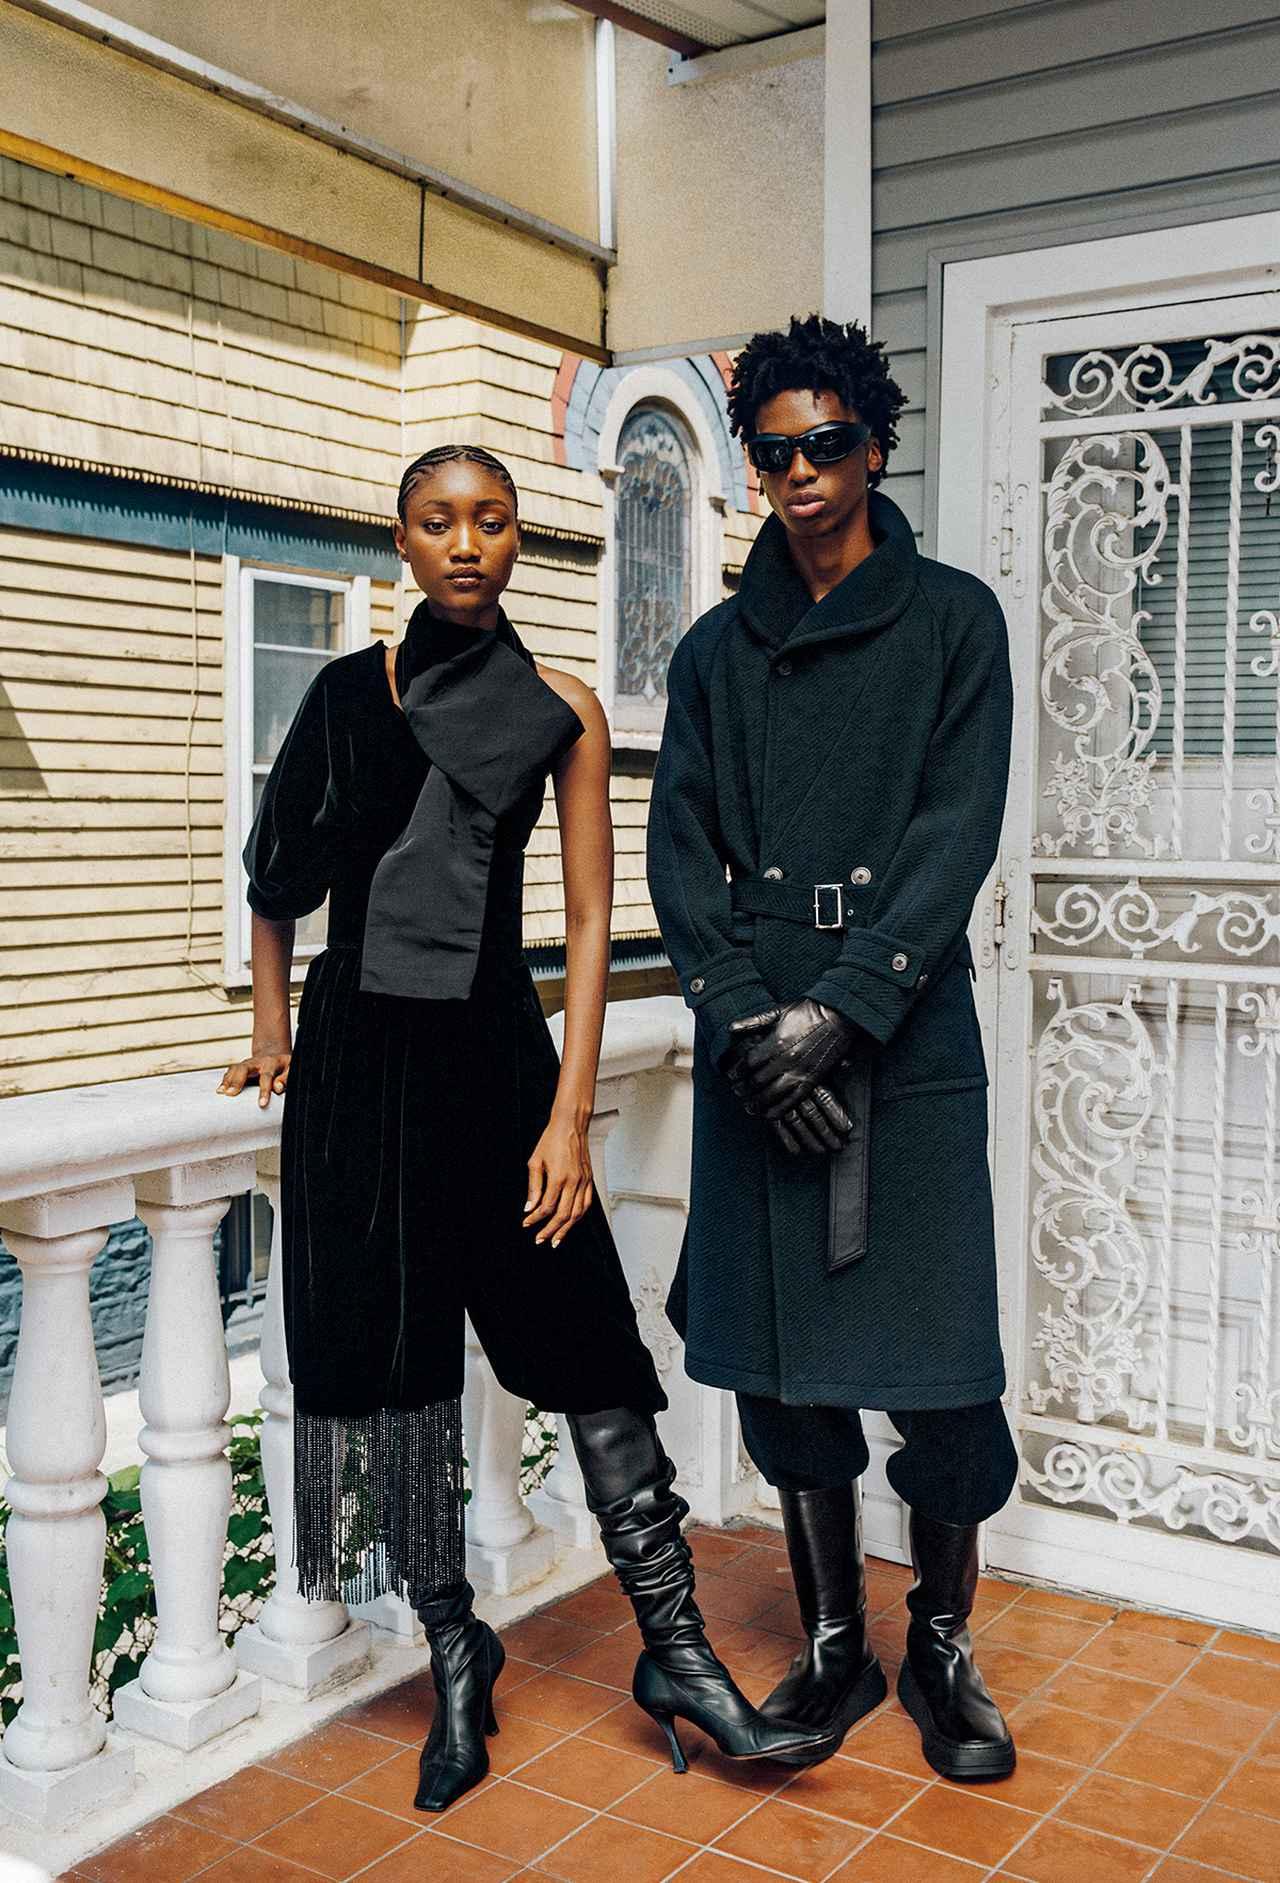 Images : 4番目の画像 - 「黒、グレー、ネイビーブルー 冬の散歩道は モノクロームの装いで」のアルバム - T JAPAN:The New York Times Style Magazine 公式サイト